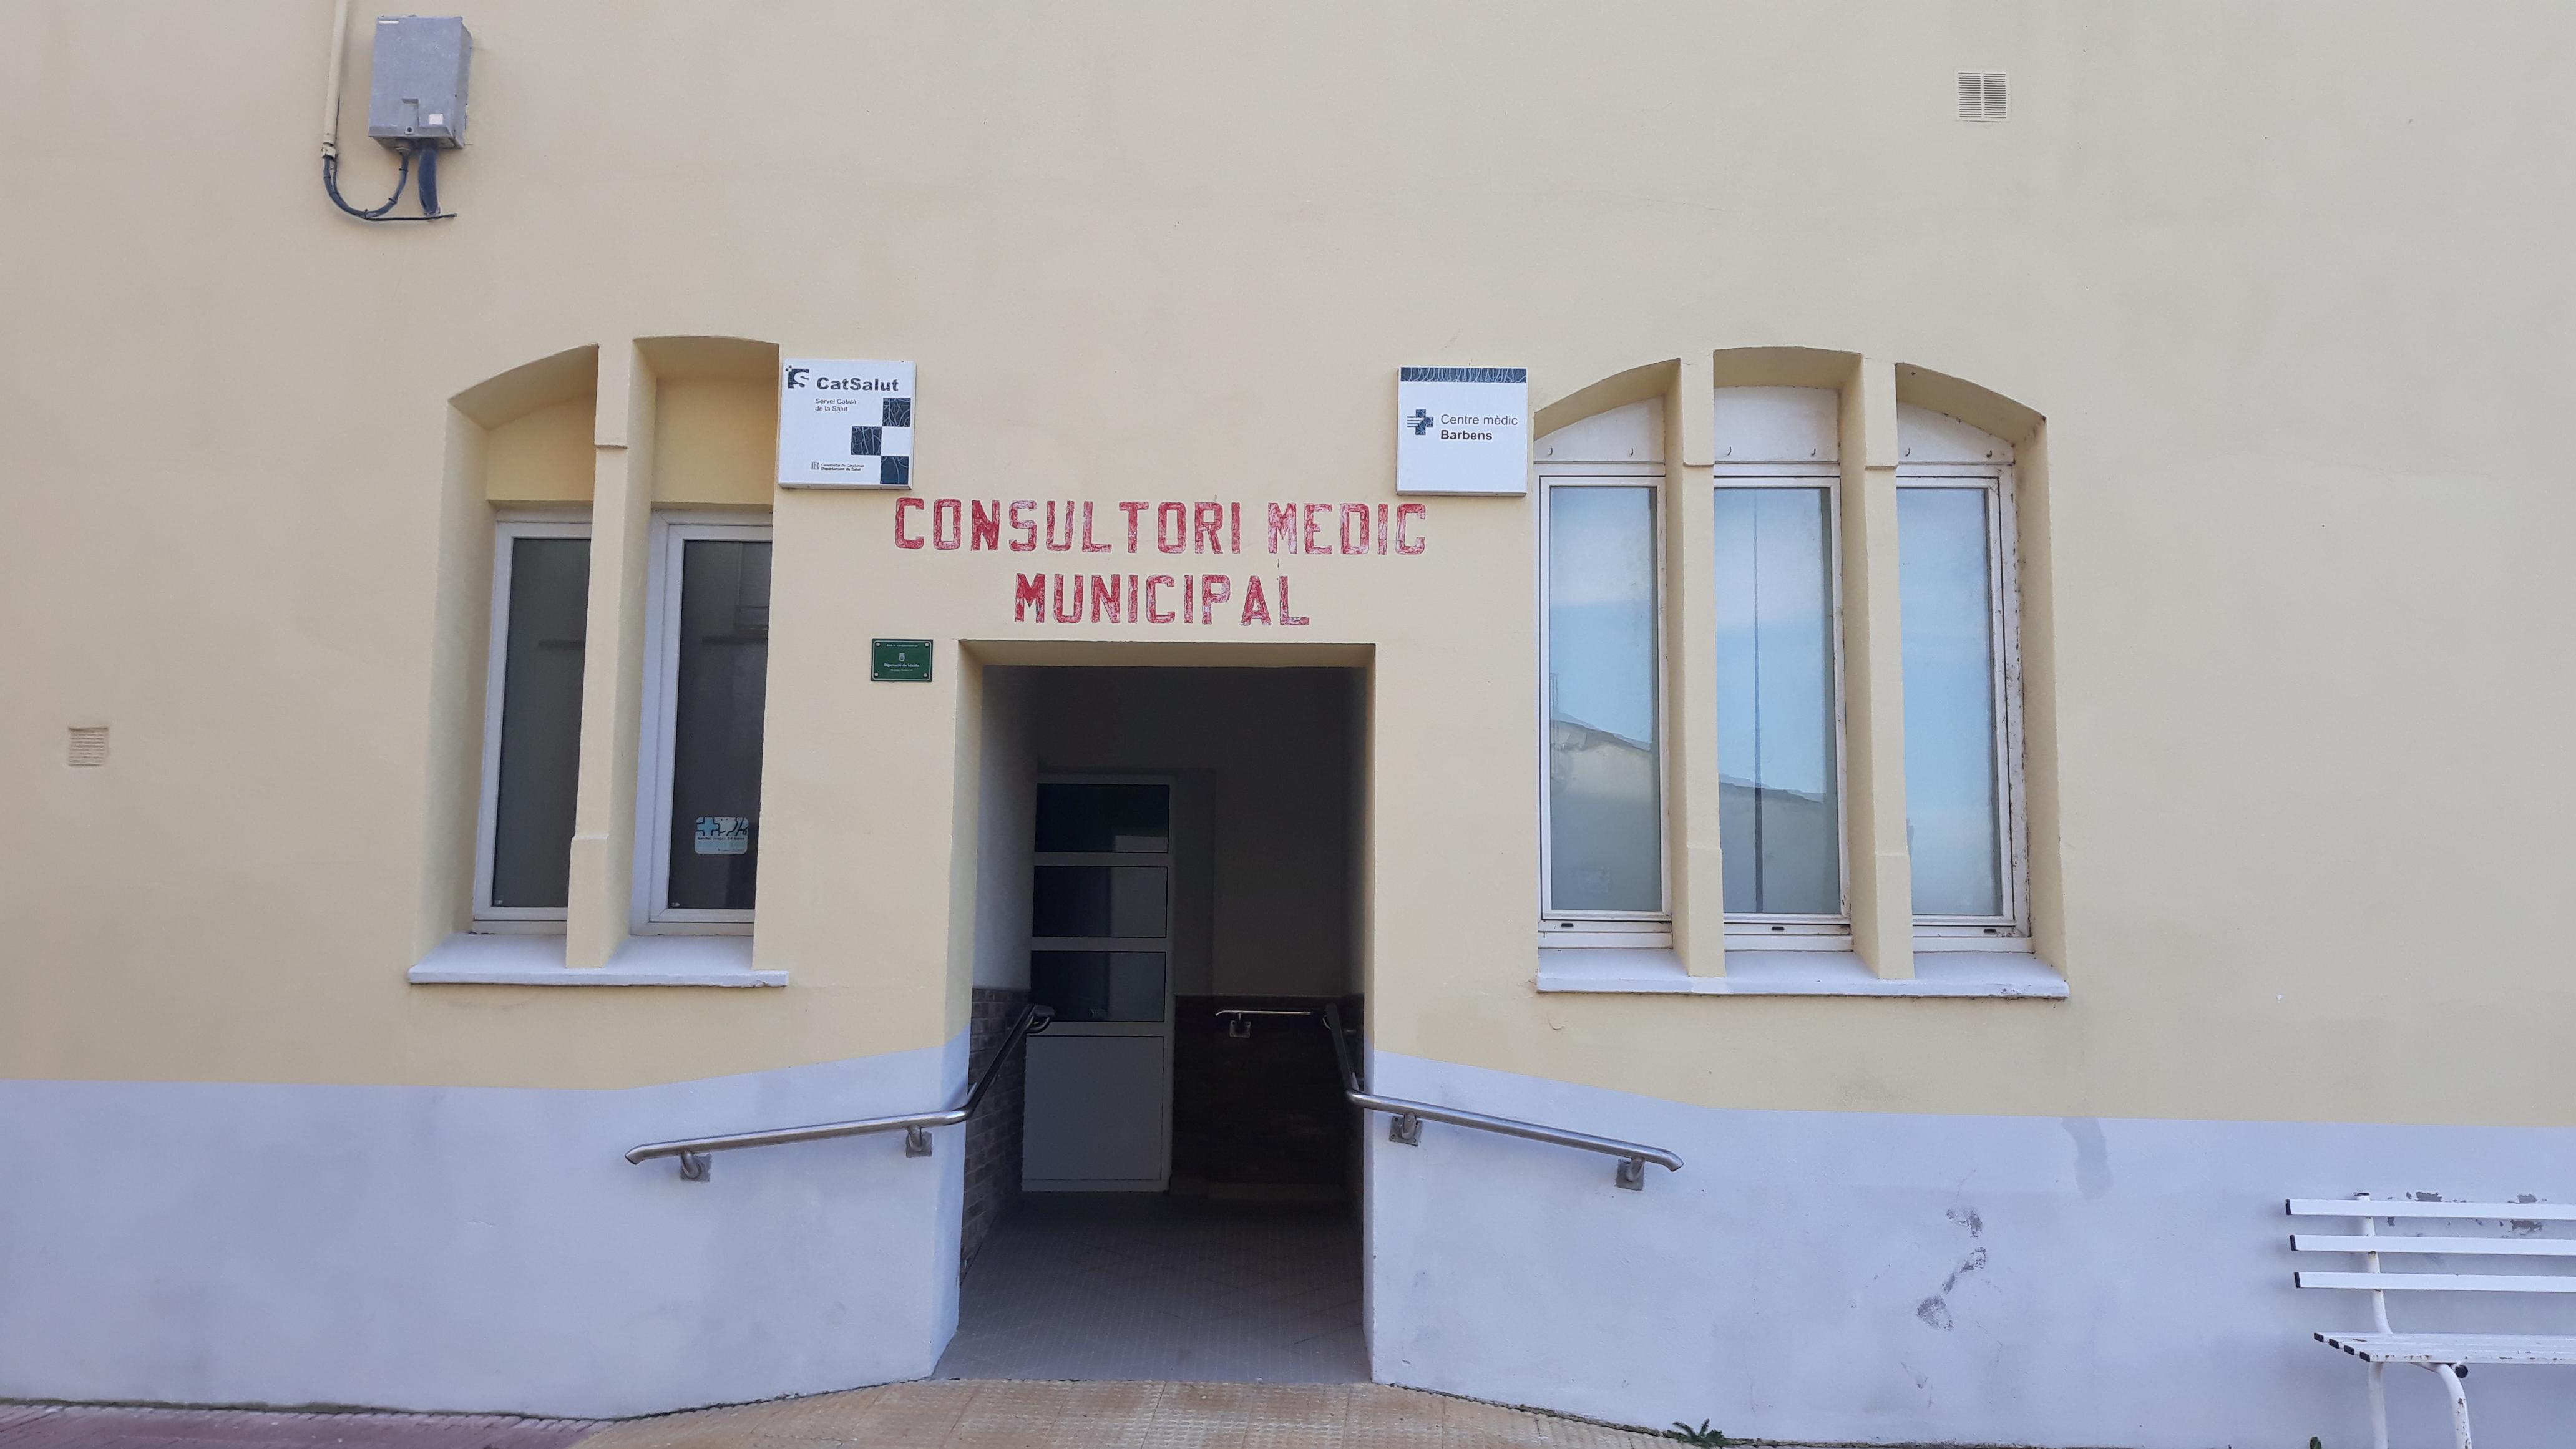 Consultori mèdic